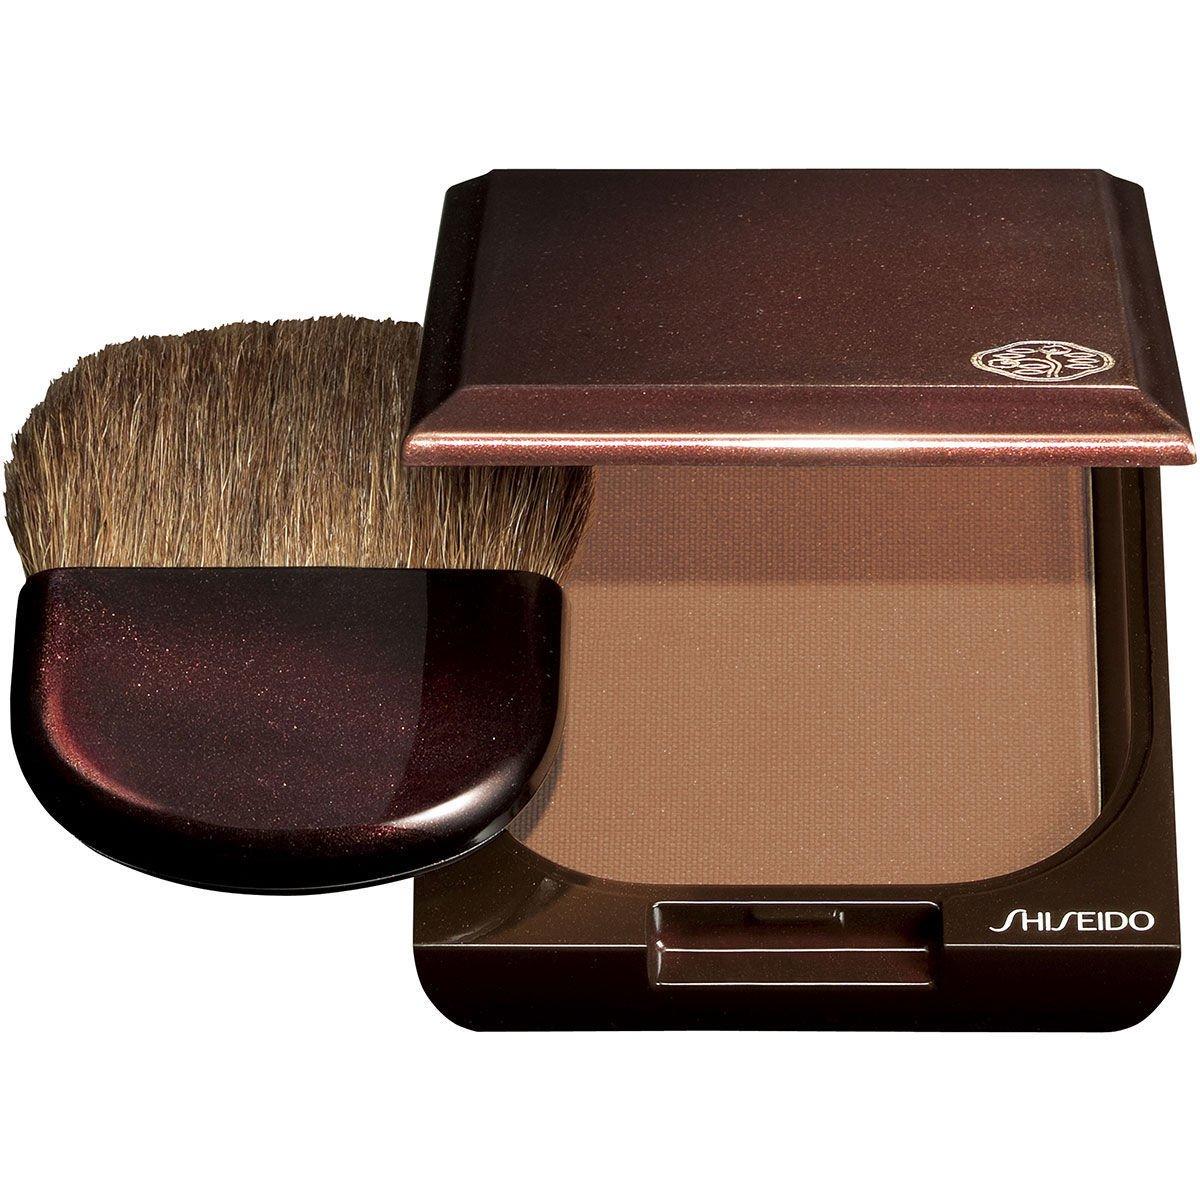 Shiseido Oil-Free Face Bronzer for Women, 2/Dark Fonce, 0.42 Ounce